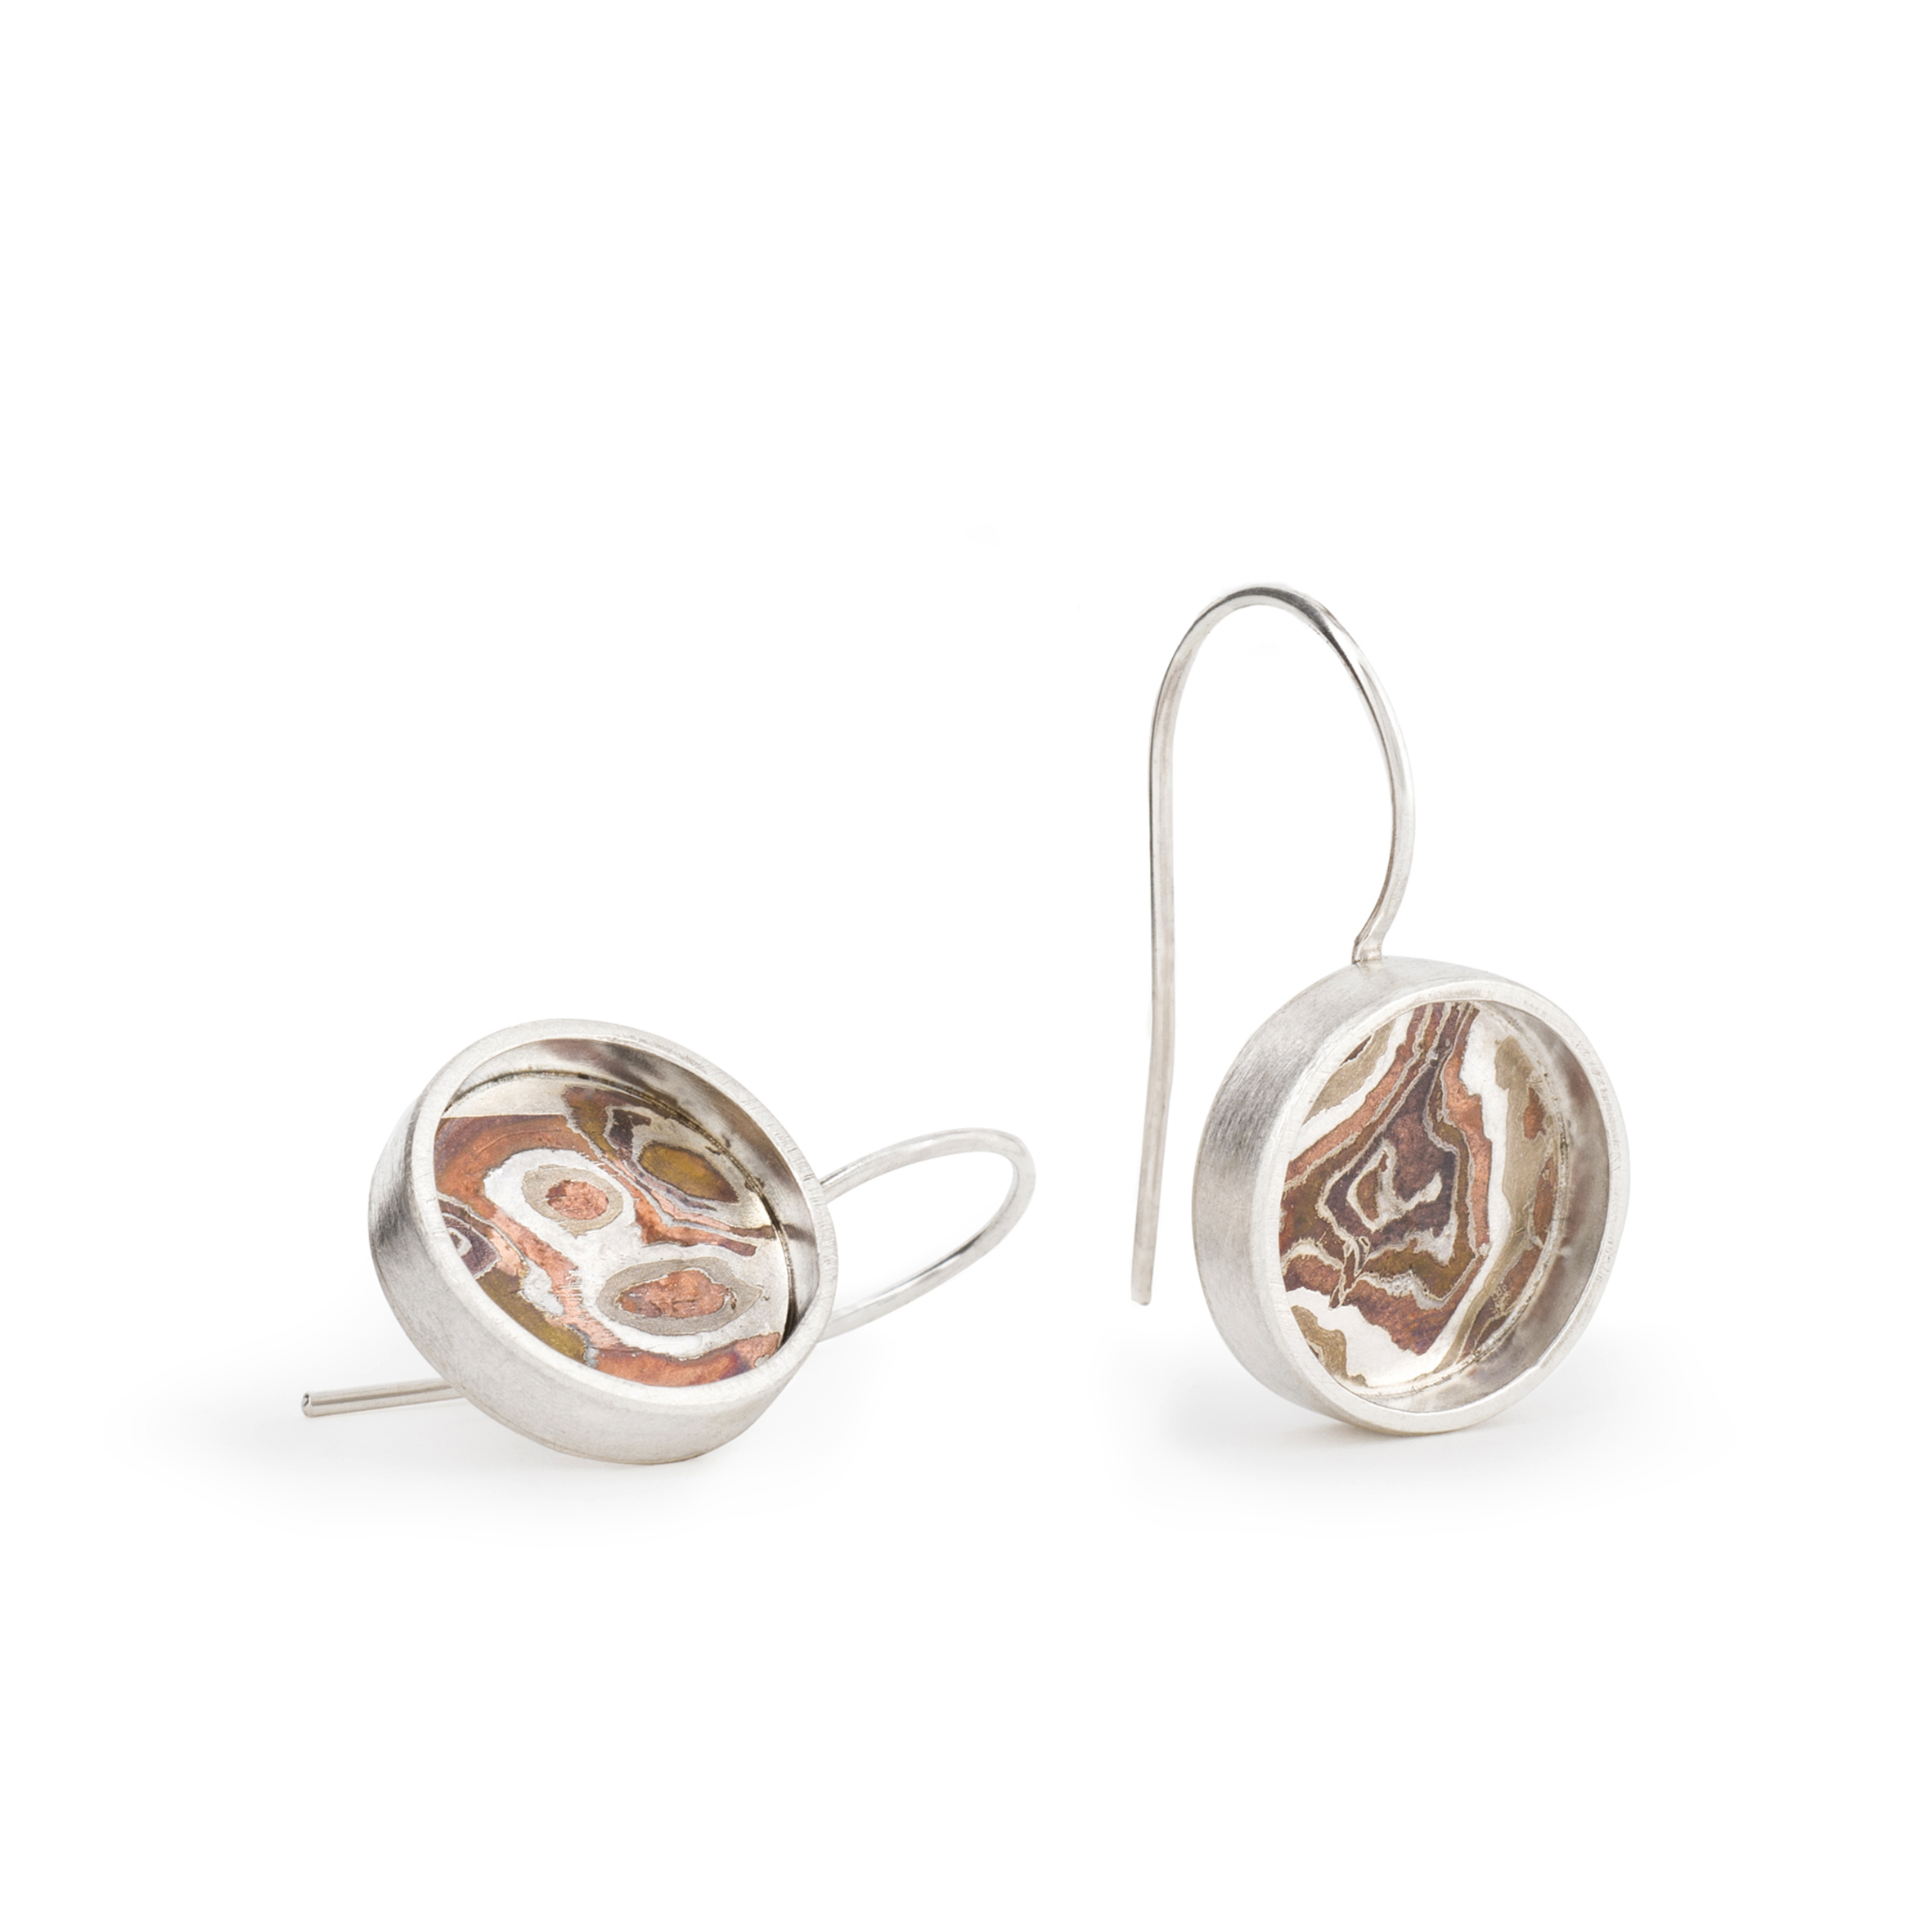 Boucles d'oreilles dormeuses EARTH en argent RJC et Mokumé Gané,